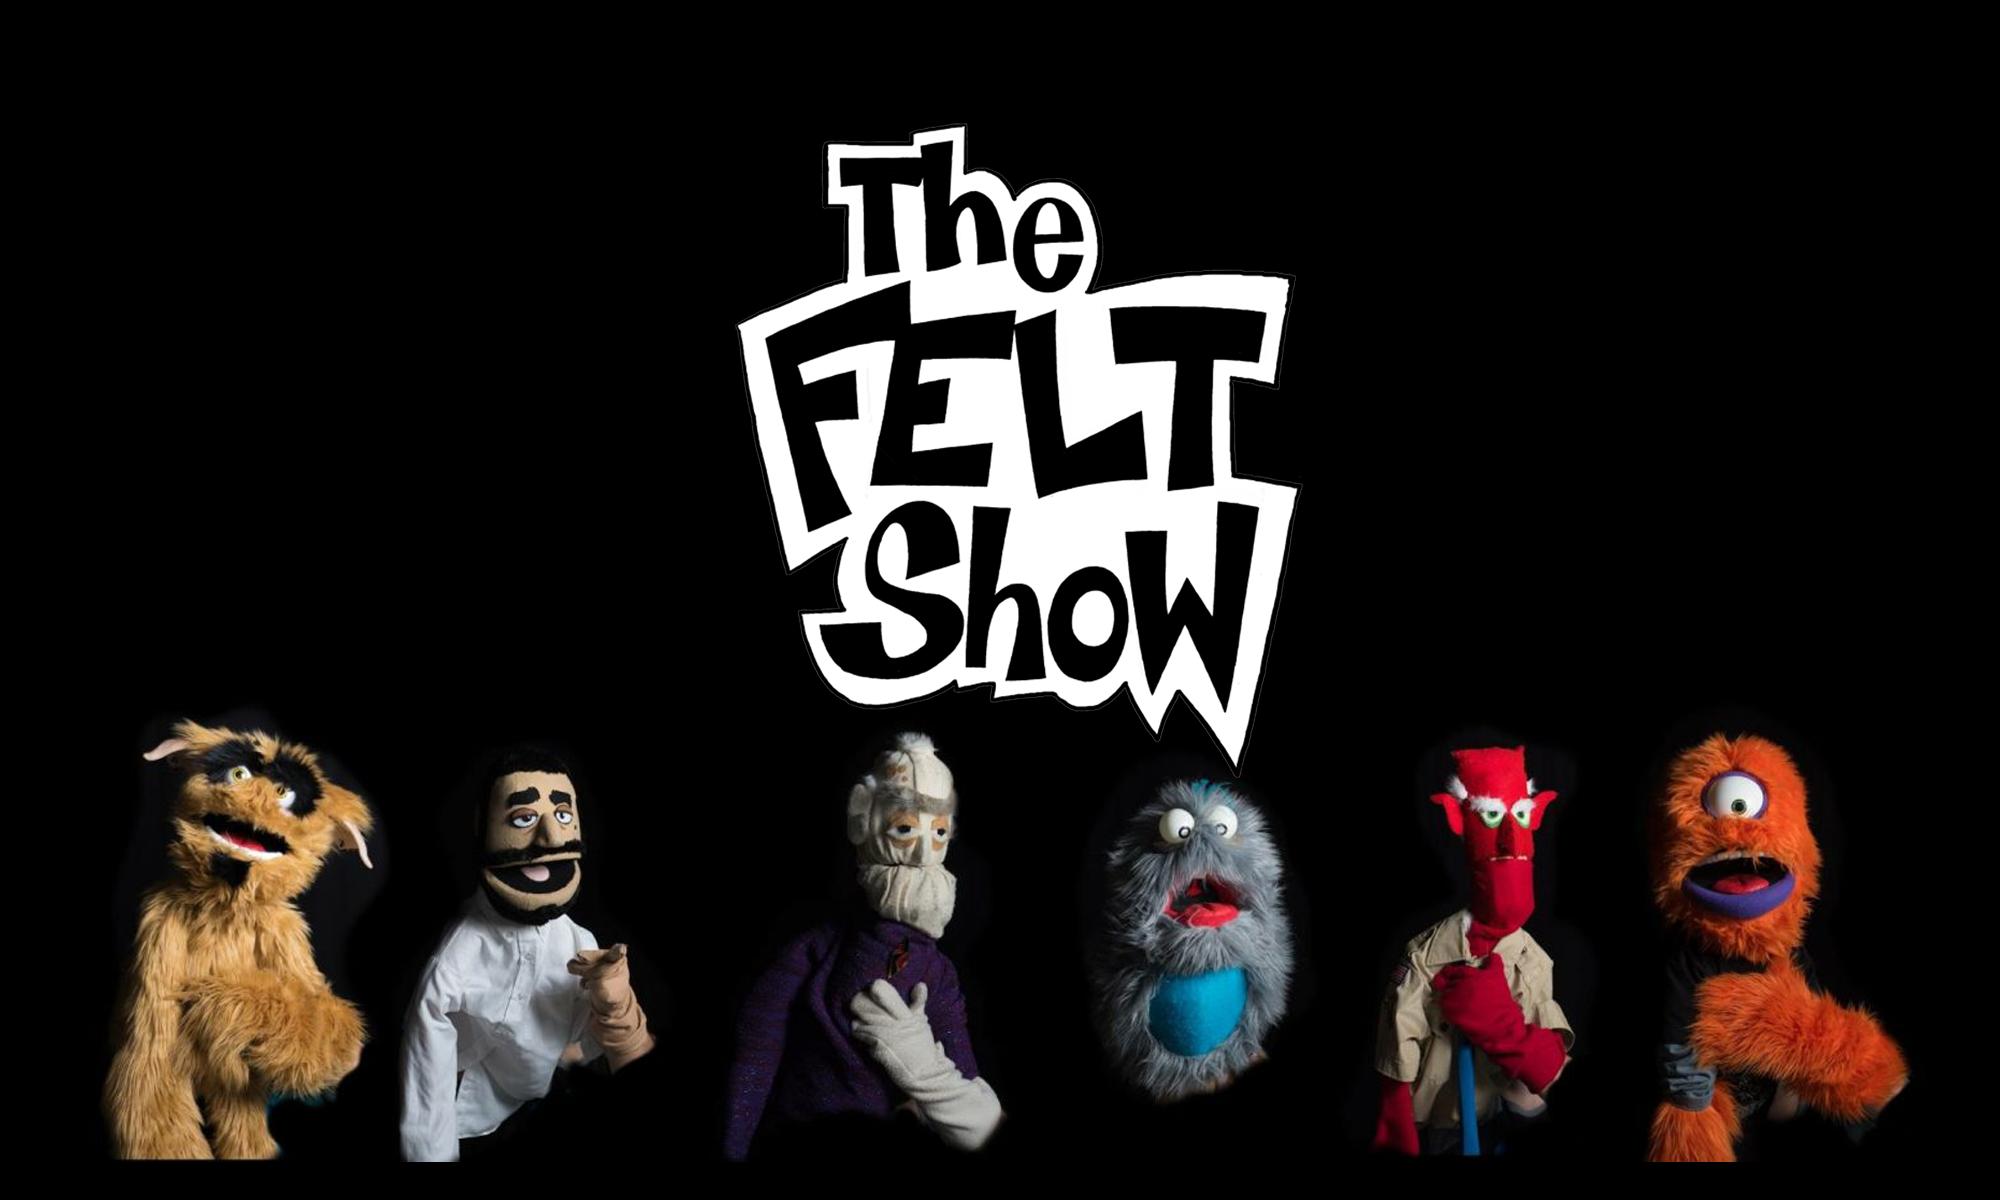 The Felt Show